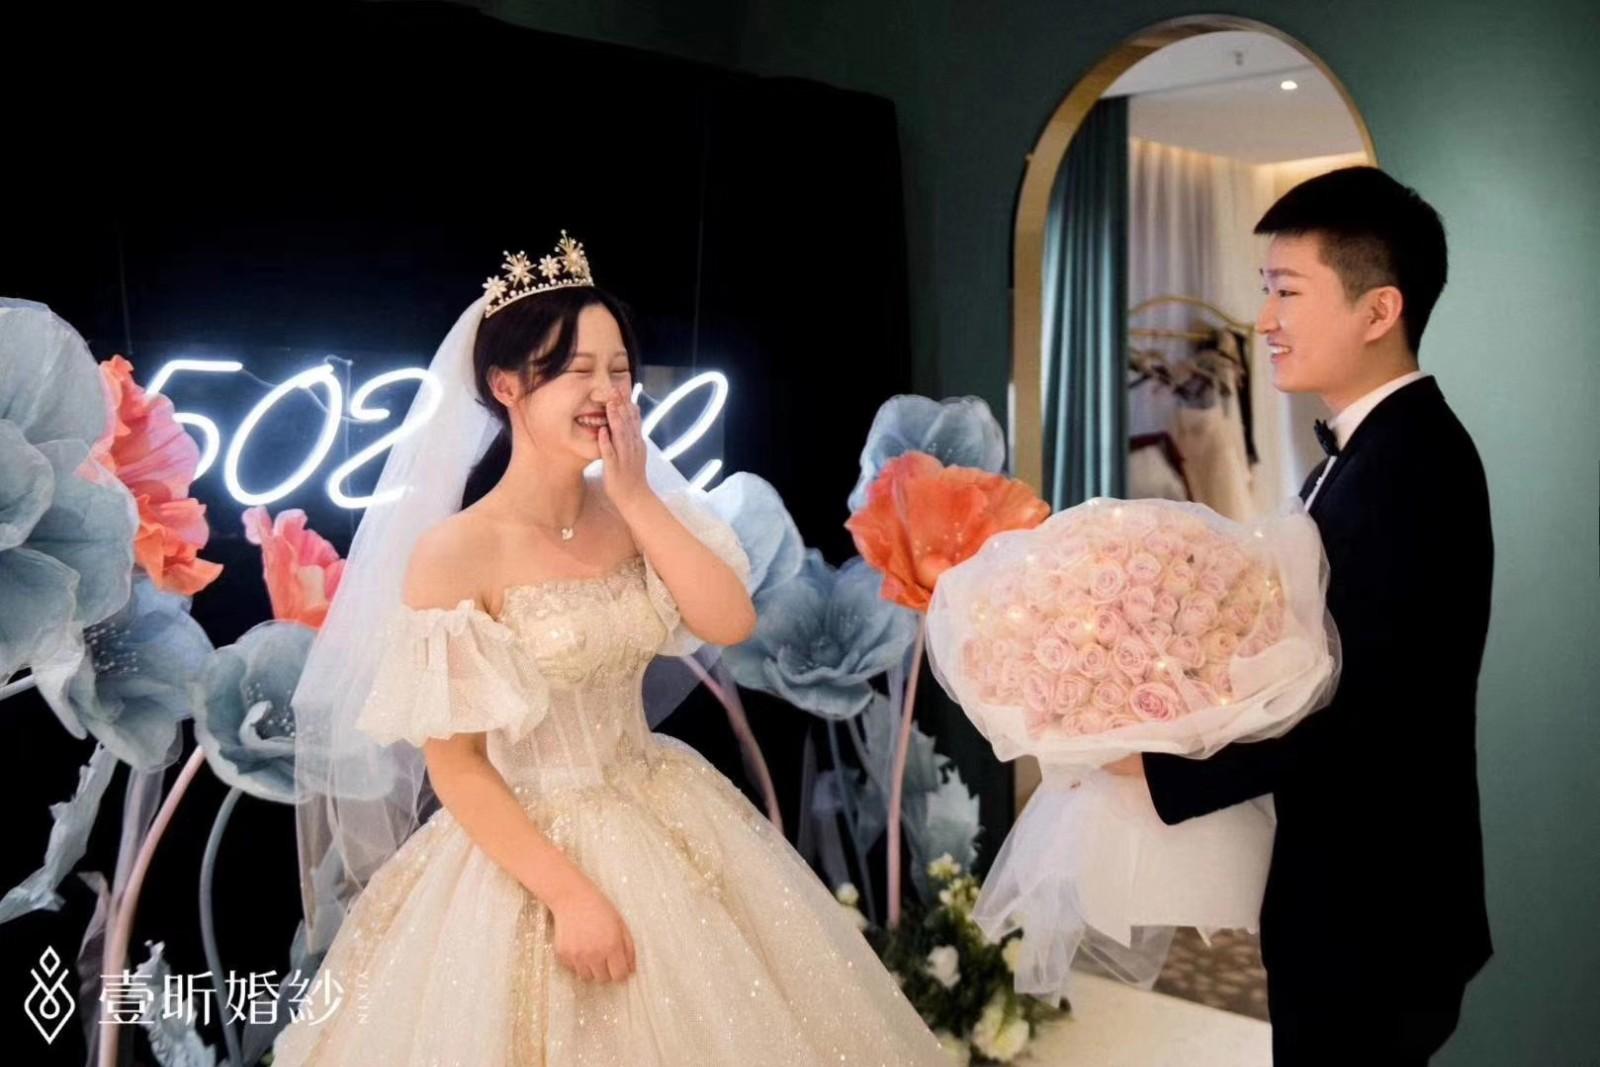 婚礼策划成功案例 简单有趣婚礼策划方案